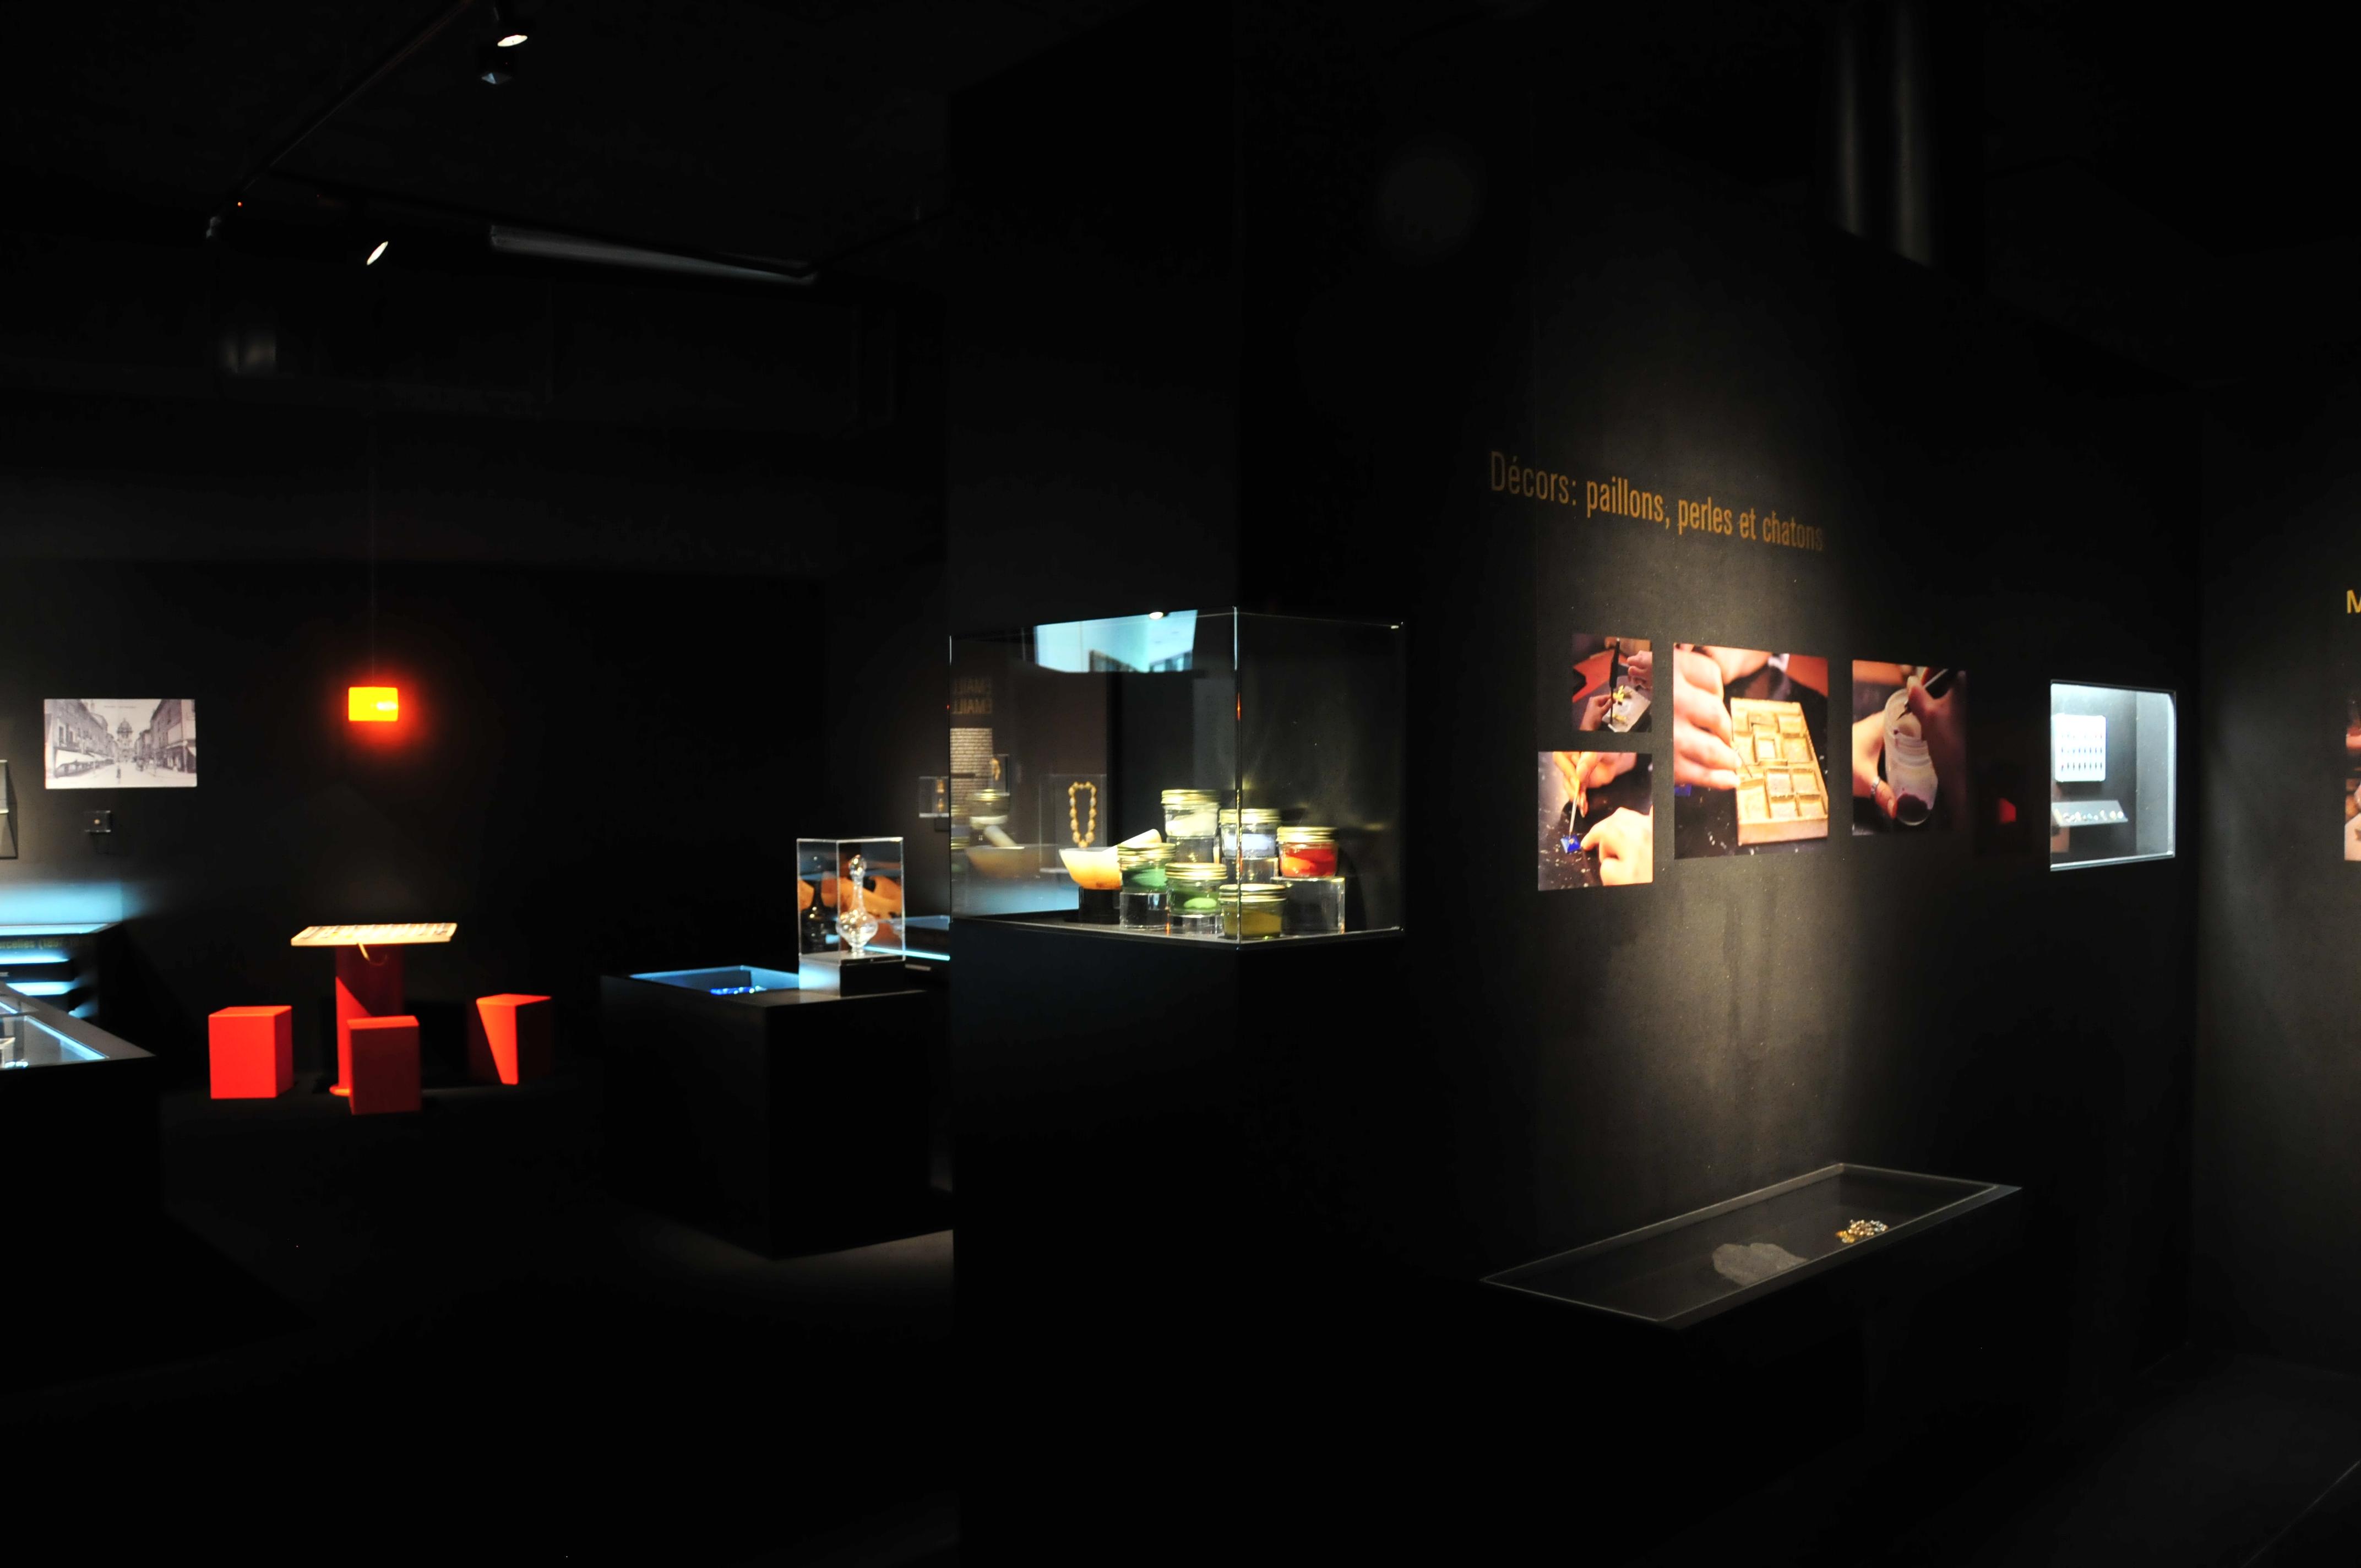 Musée_de_la_bresse_Domaine_des_Planons_Emaux_bressans_011